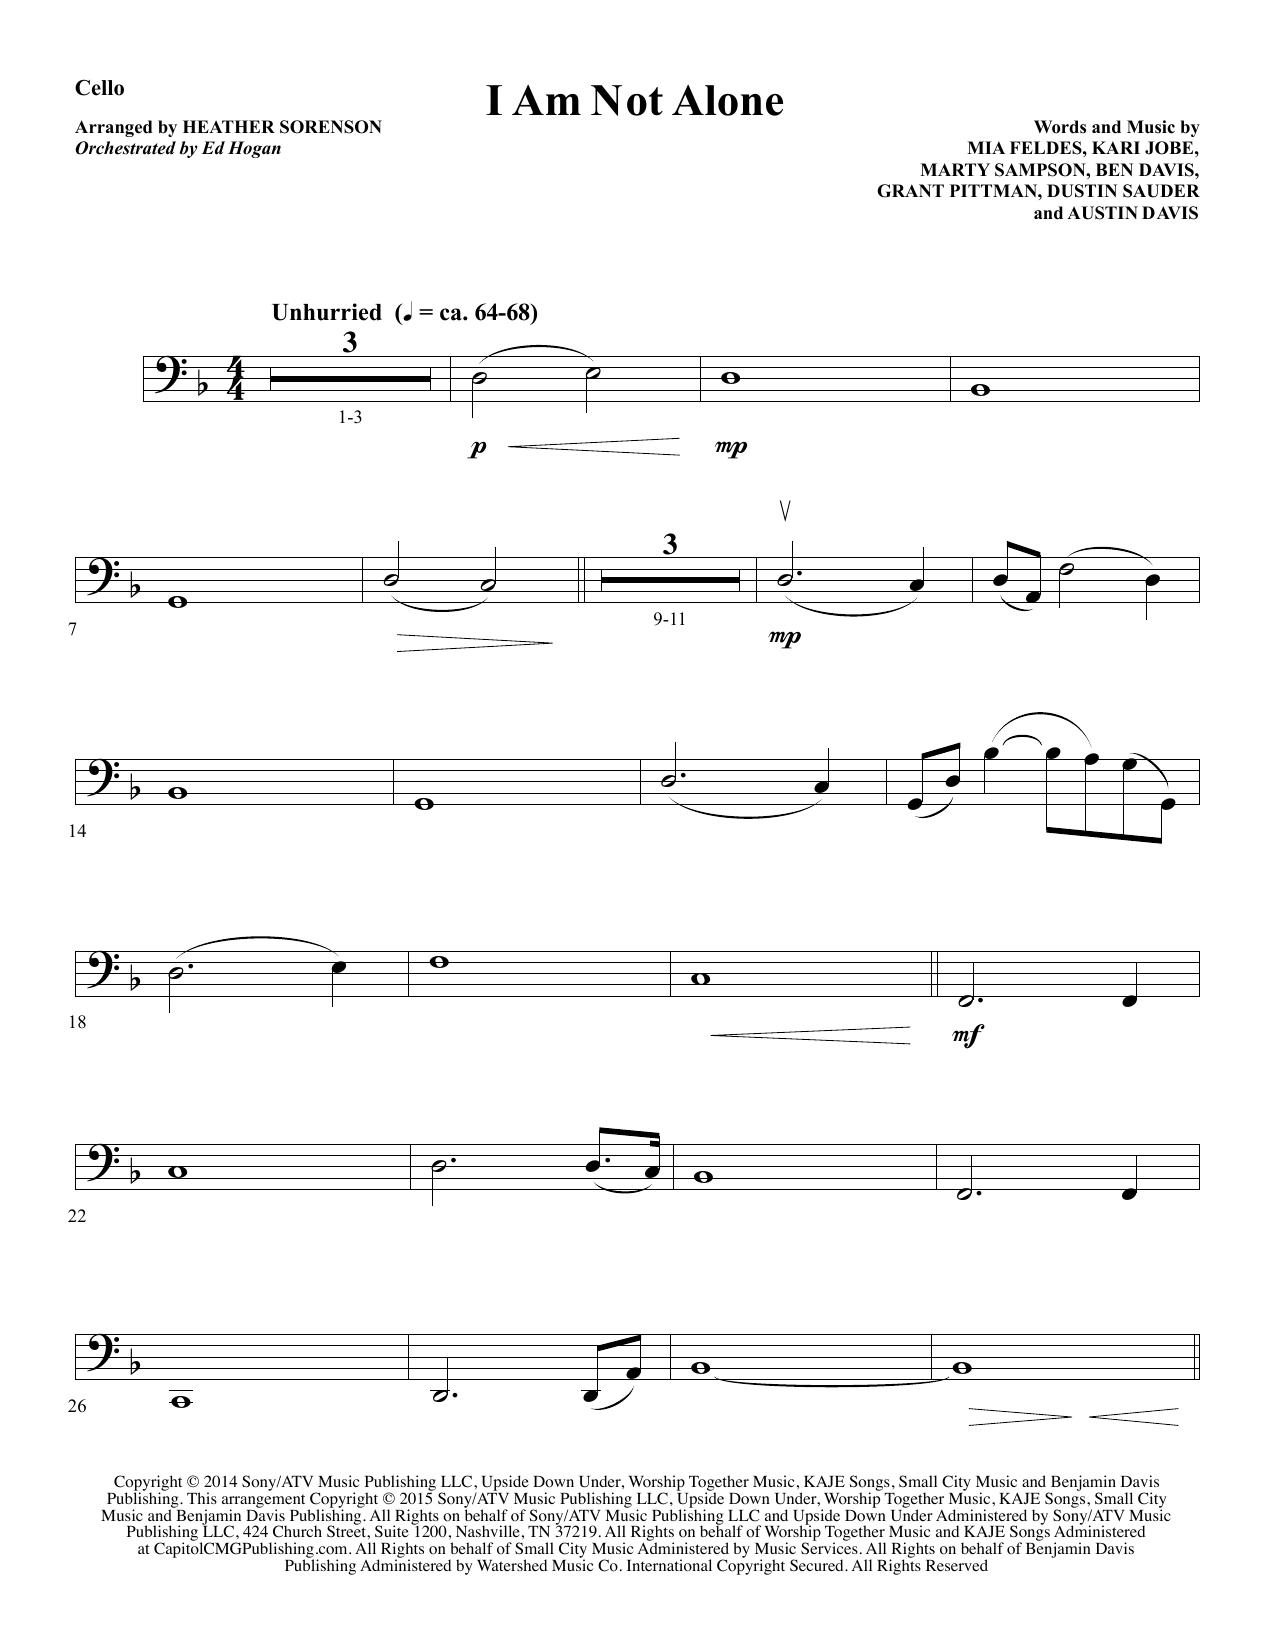 i am not alone sheet music pdf